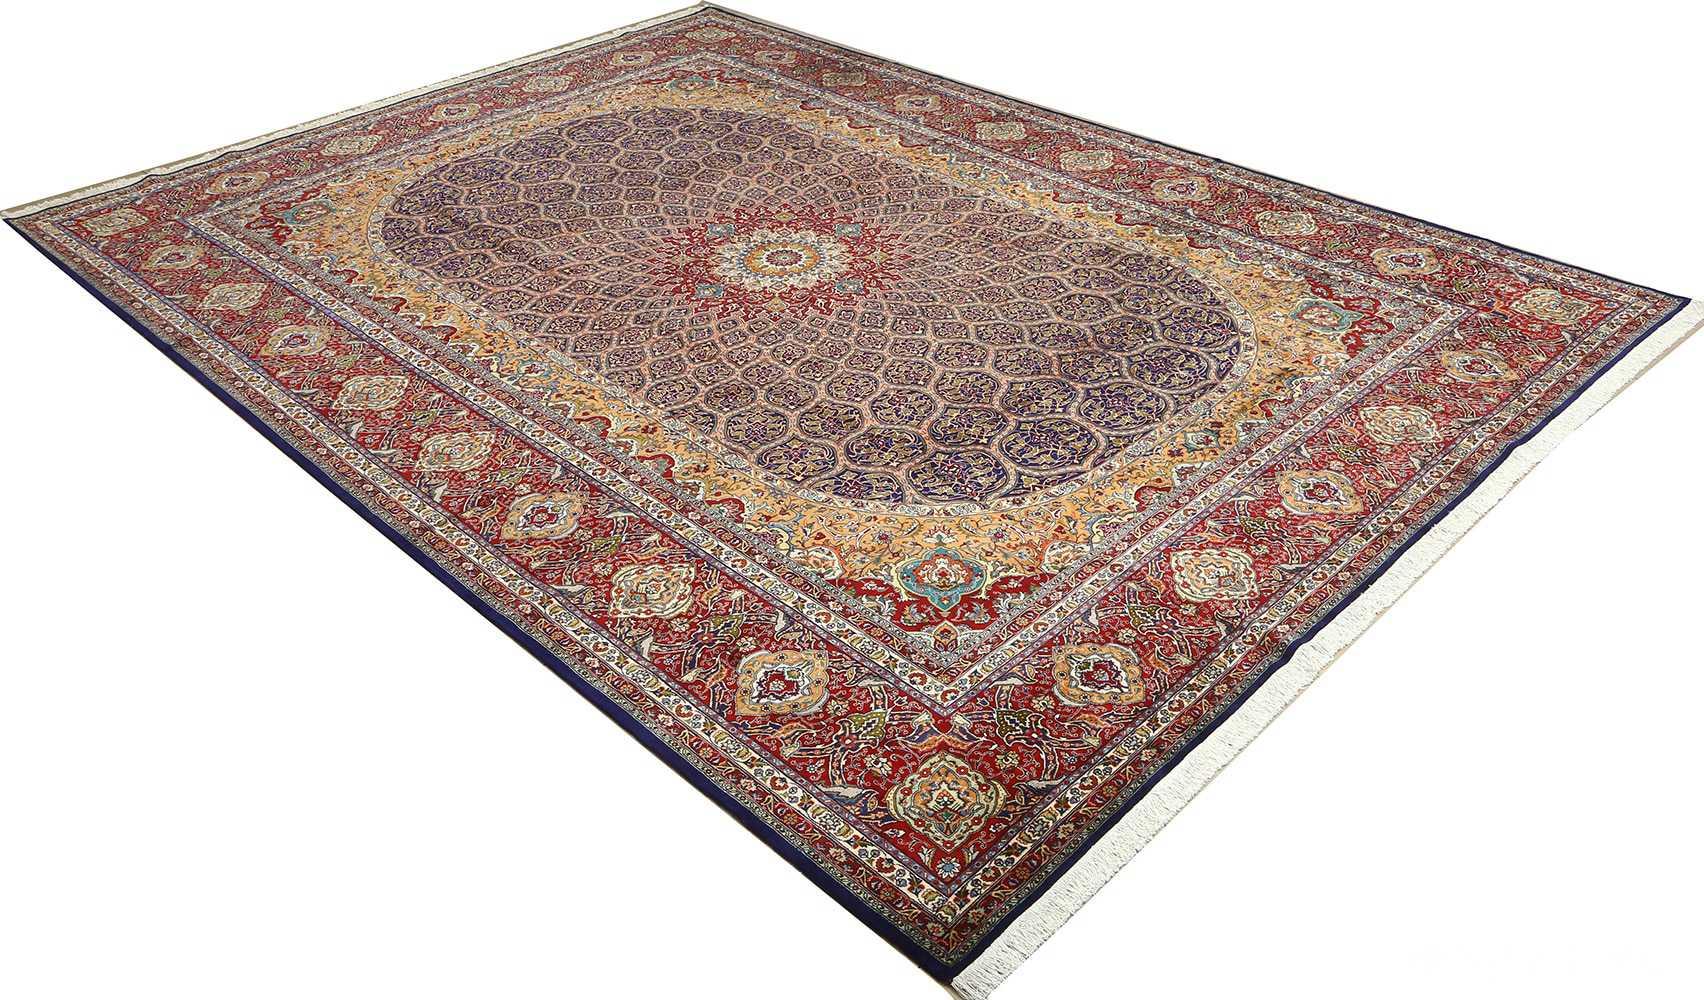 vintage gonbad design tabriz persian rug 51088 side Nazmiyal